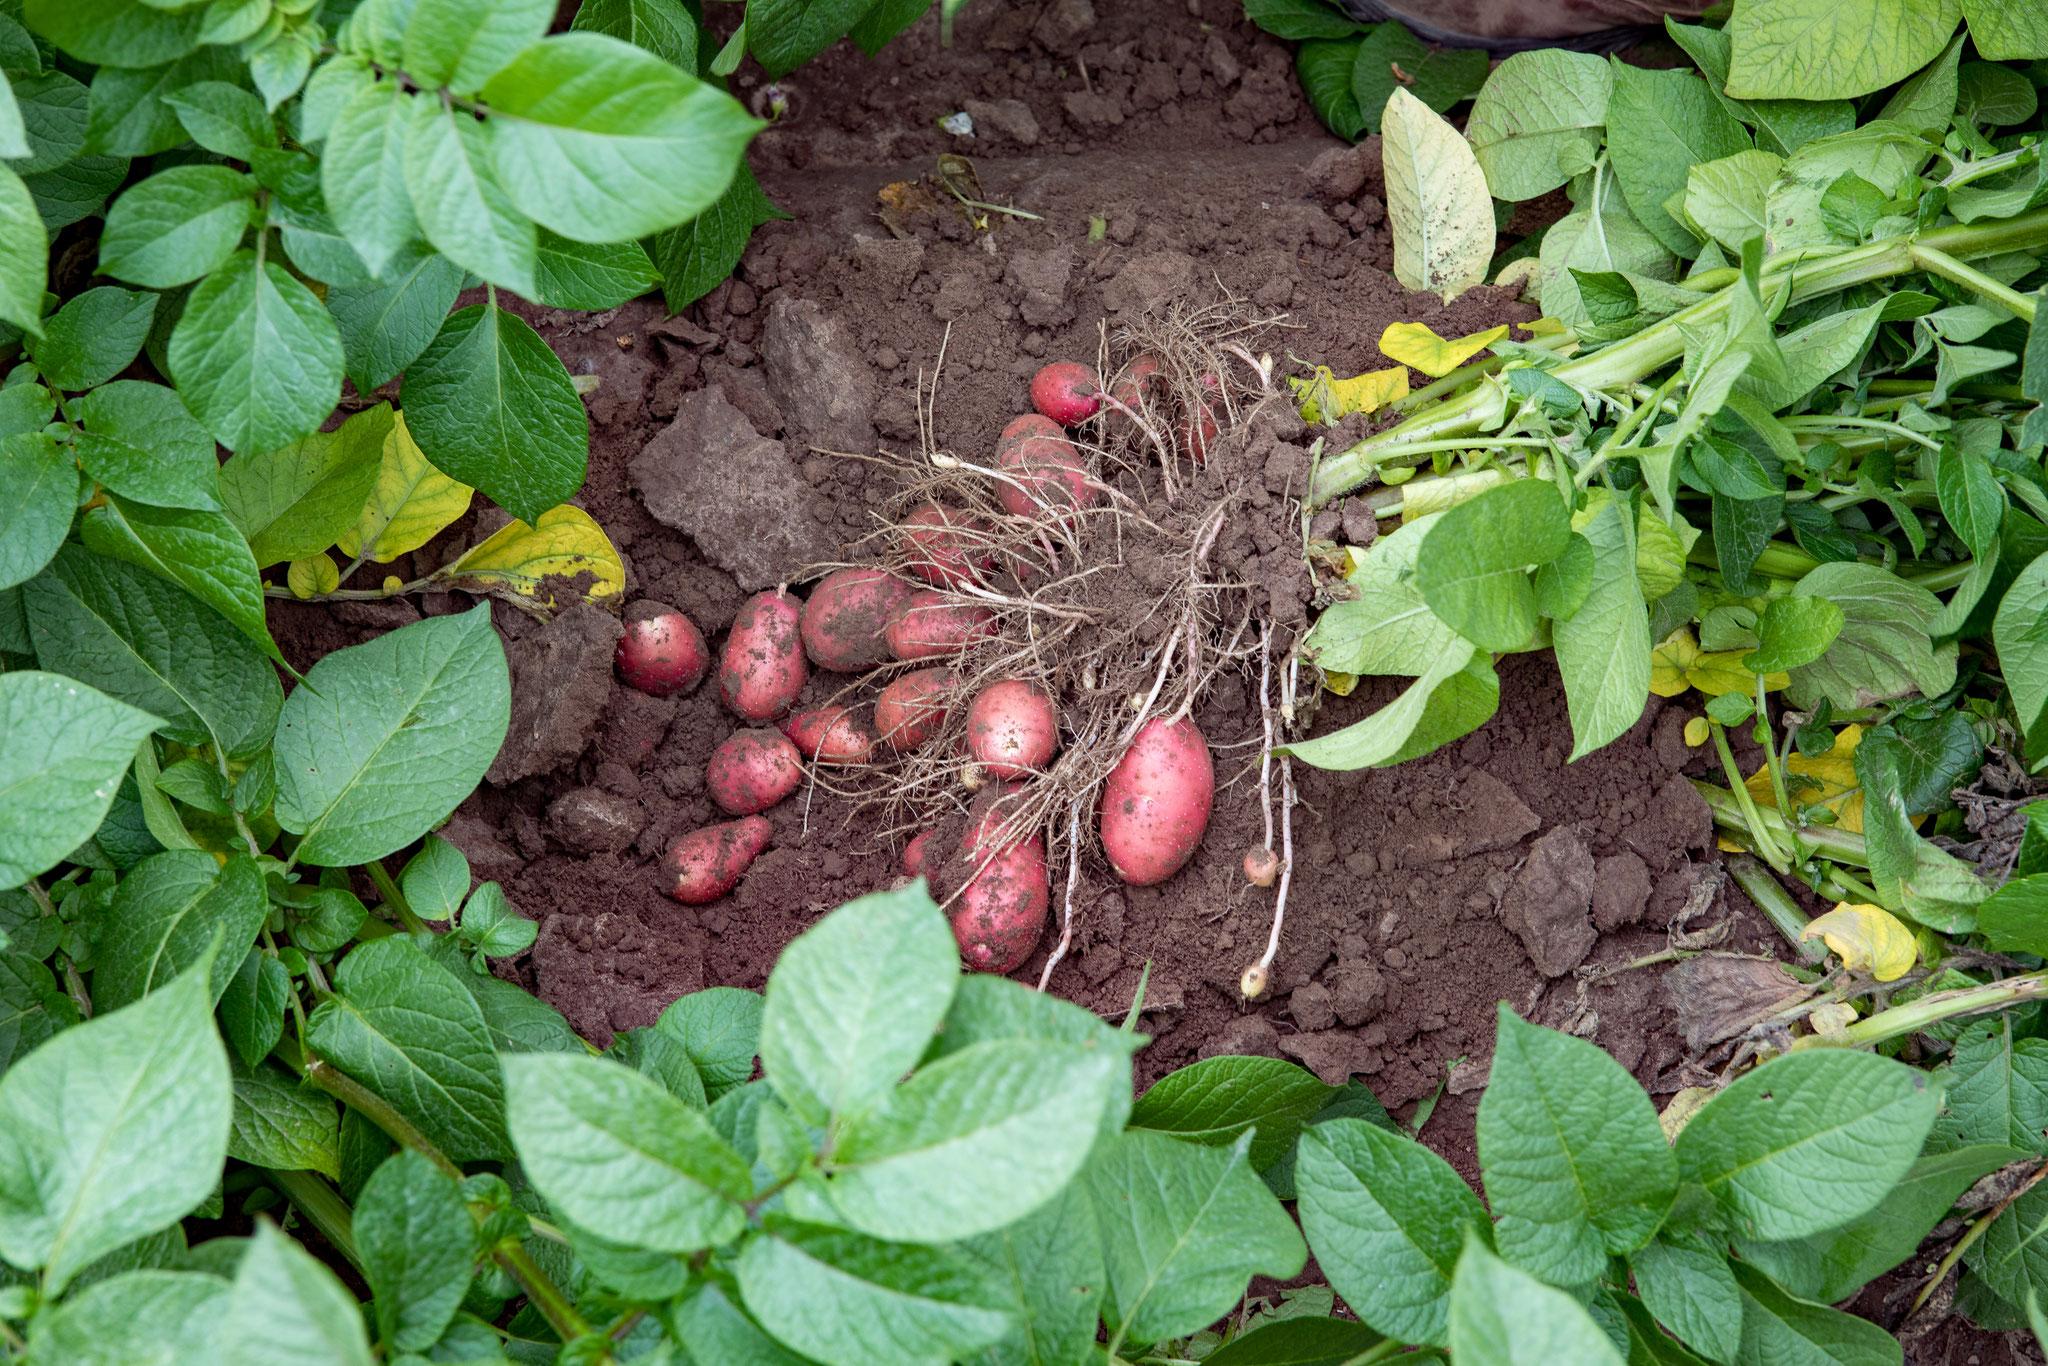 Hier wird die Kartoffelsorte Laura kontrolliert ob sie schon groß genug zum Ernten ist.